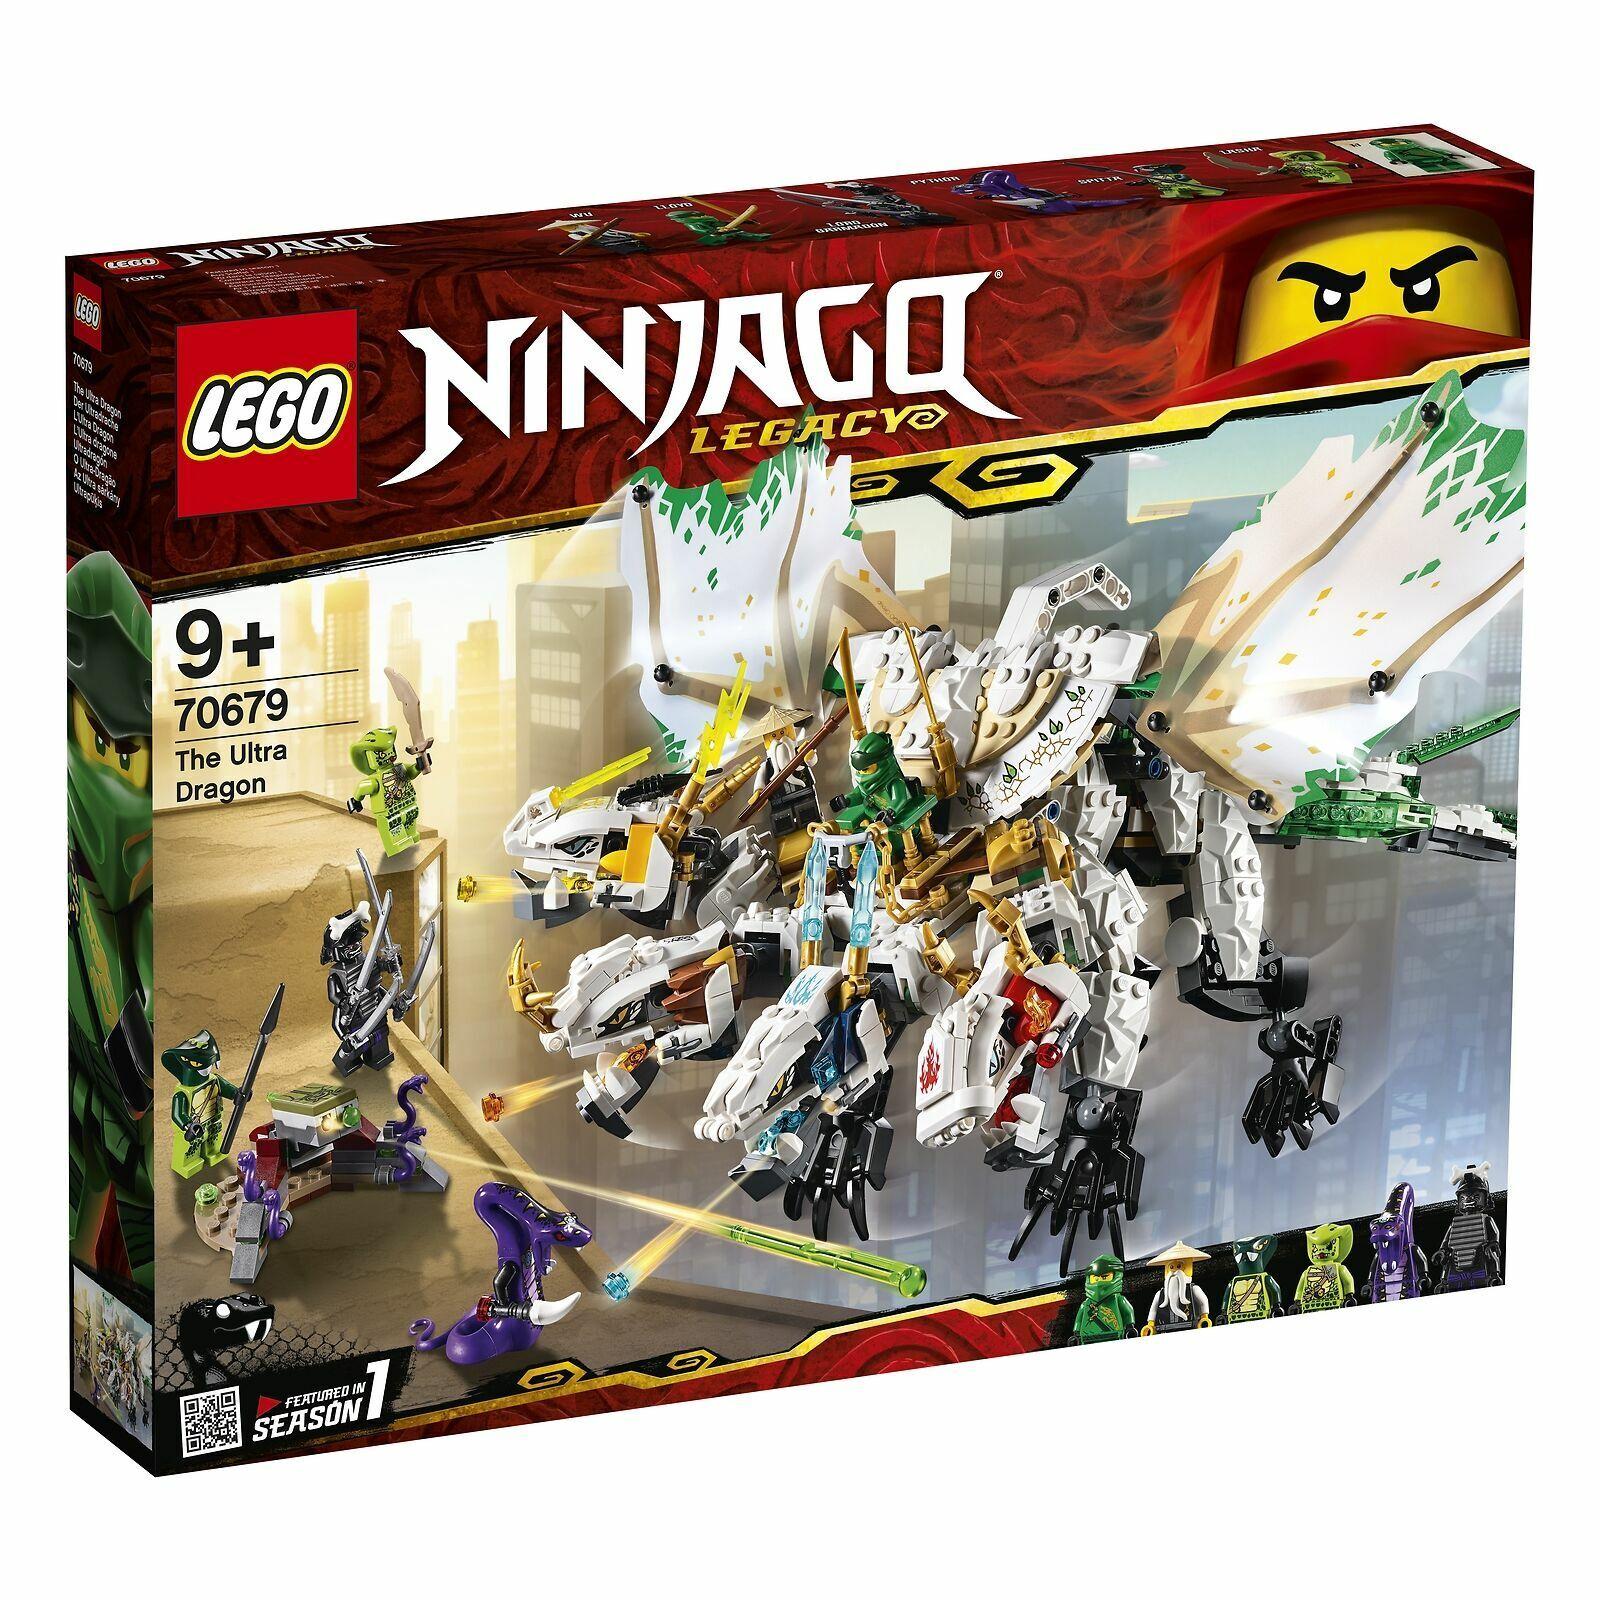 LEGO La ultradrache Set (70679) Neuf et  dans neuf dans sa boîte  grandes marques vendent pas cher